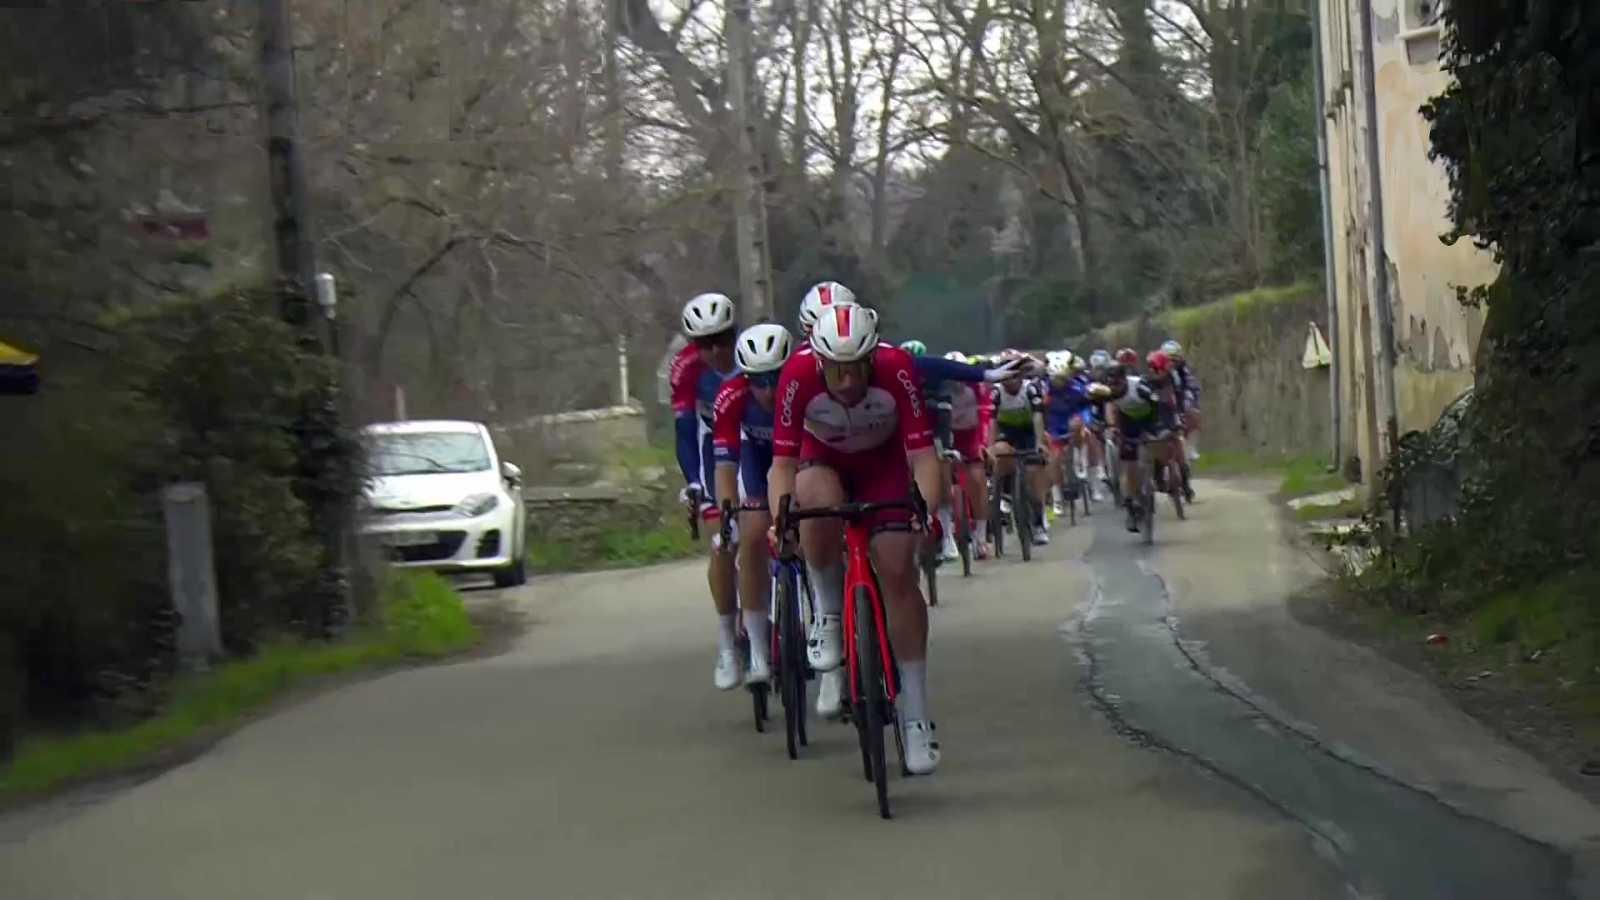 Ciclismo - Etoile de Bessegés - Tour de Gard. 2ª etapa: Saint Genies de Malgoires - La Calmette - ver ahora